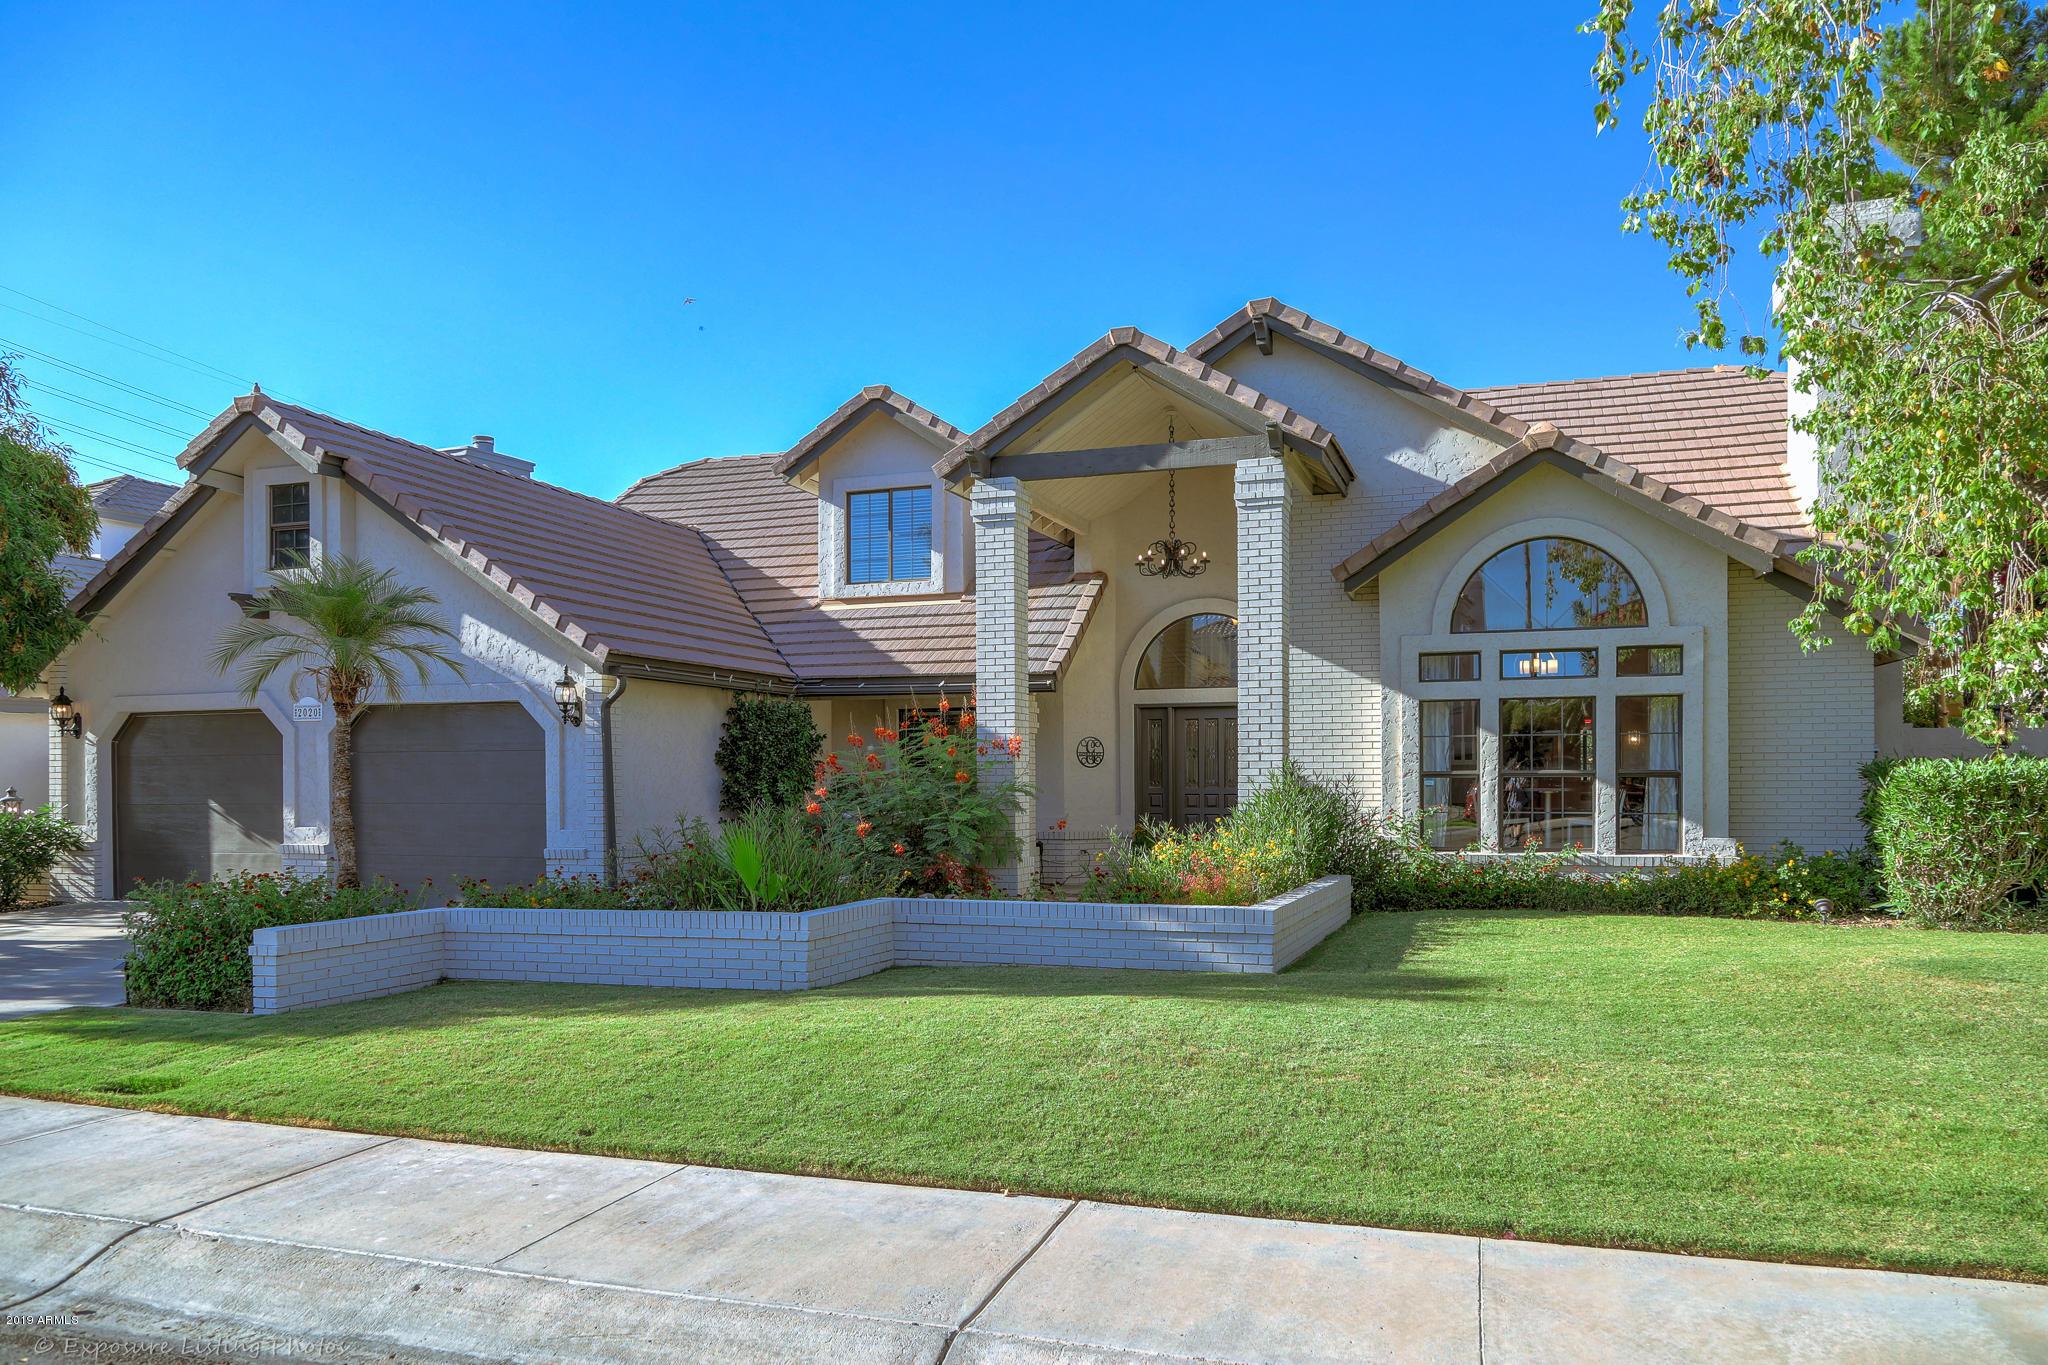 MLS 5945535 2020 E CATAMARAN Drive, Gilbert, AZ 85234